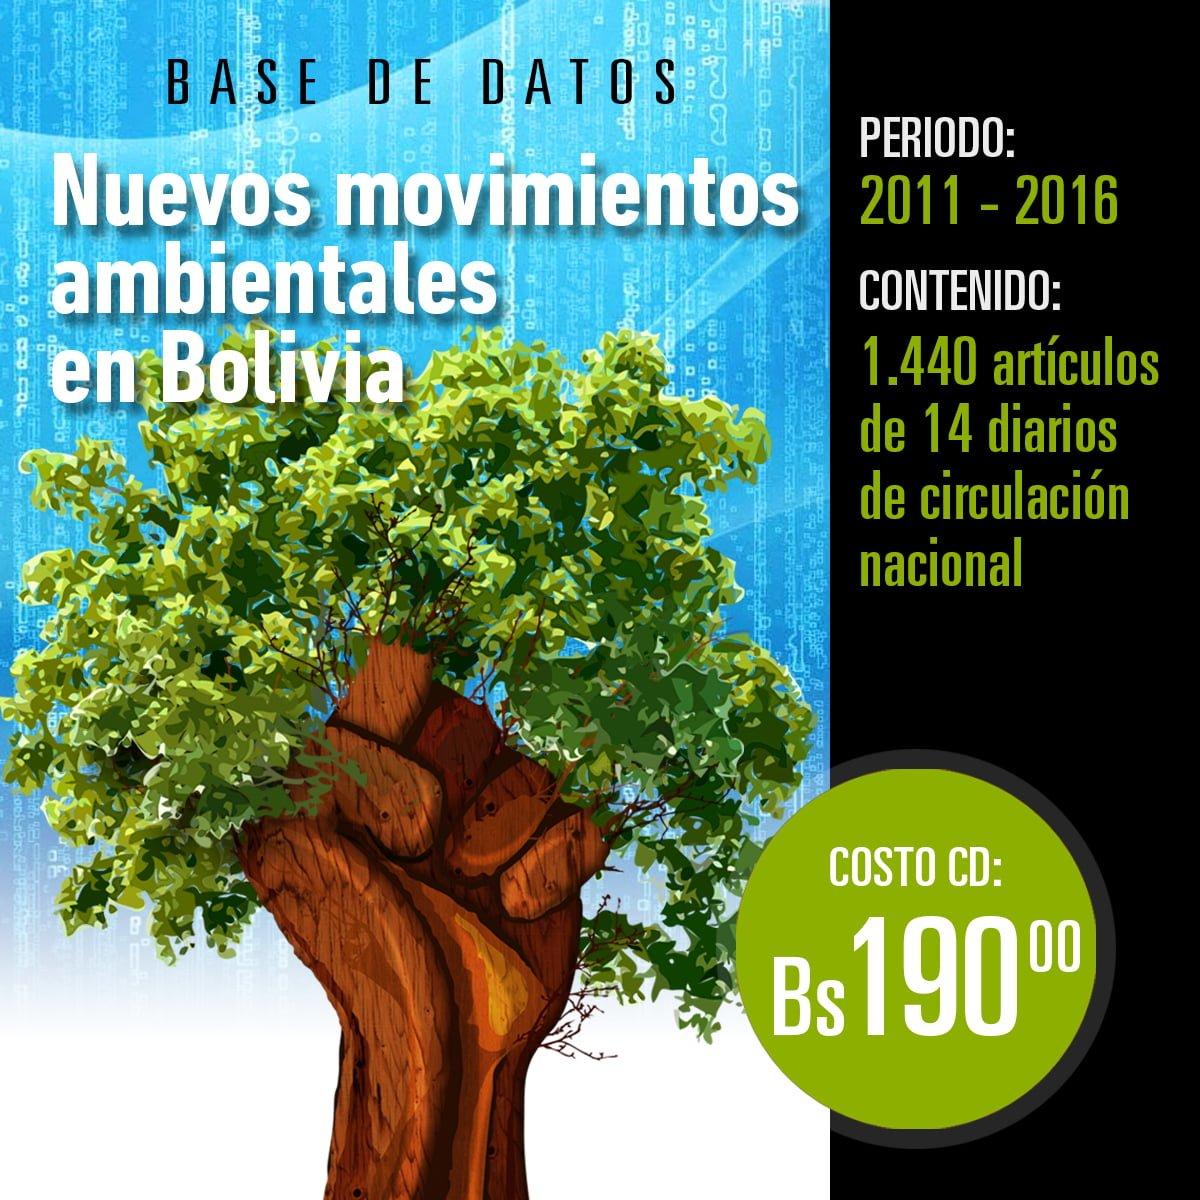 Nuevos movimientos ambientales en Bolivia: Base de datos